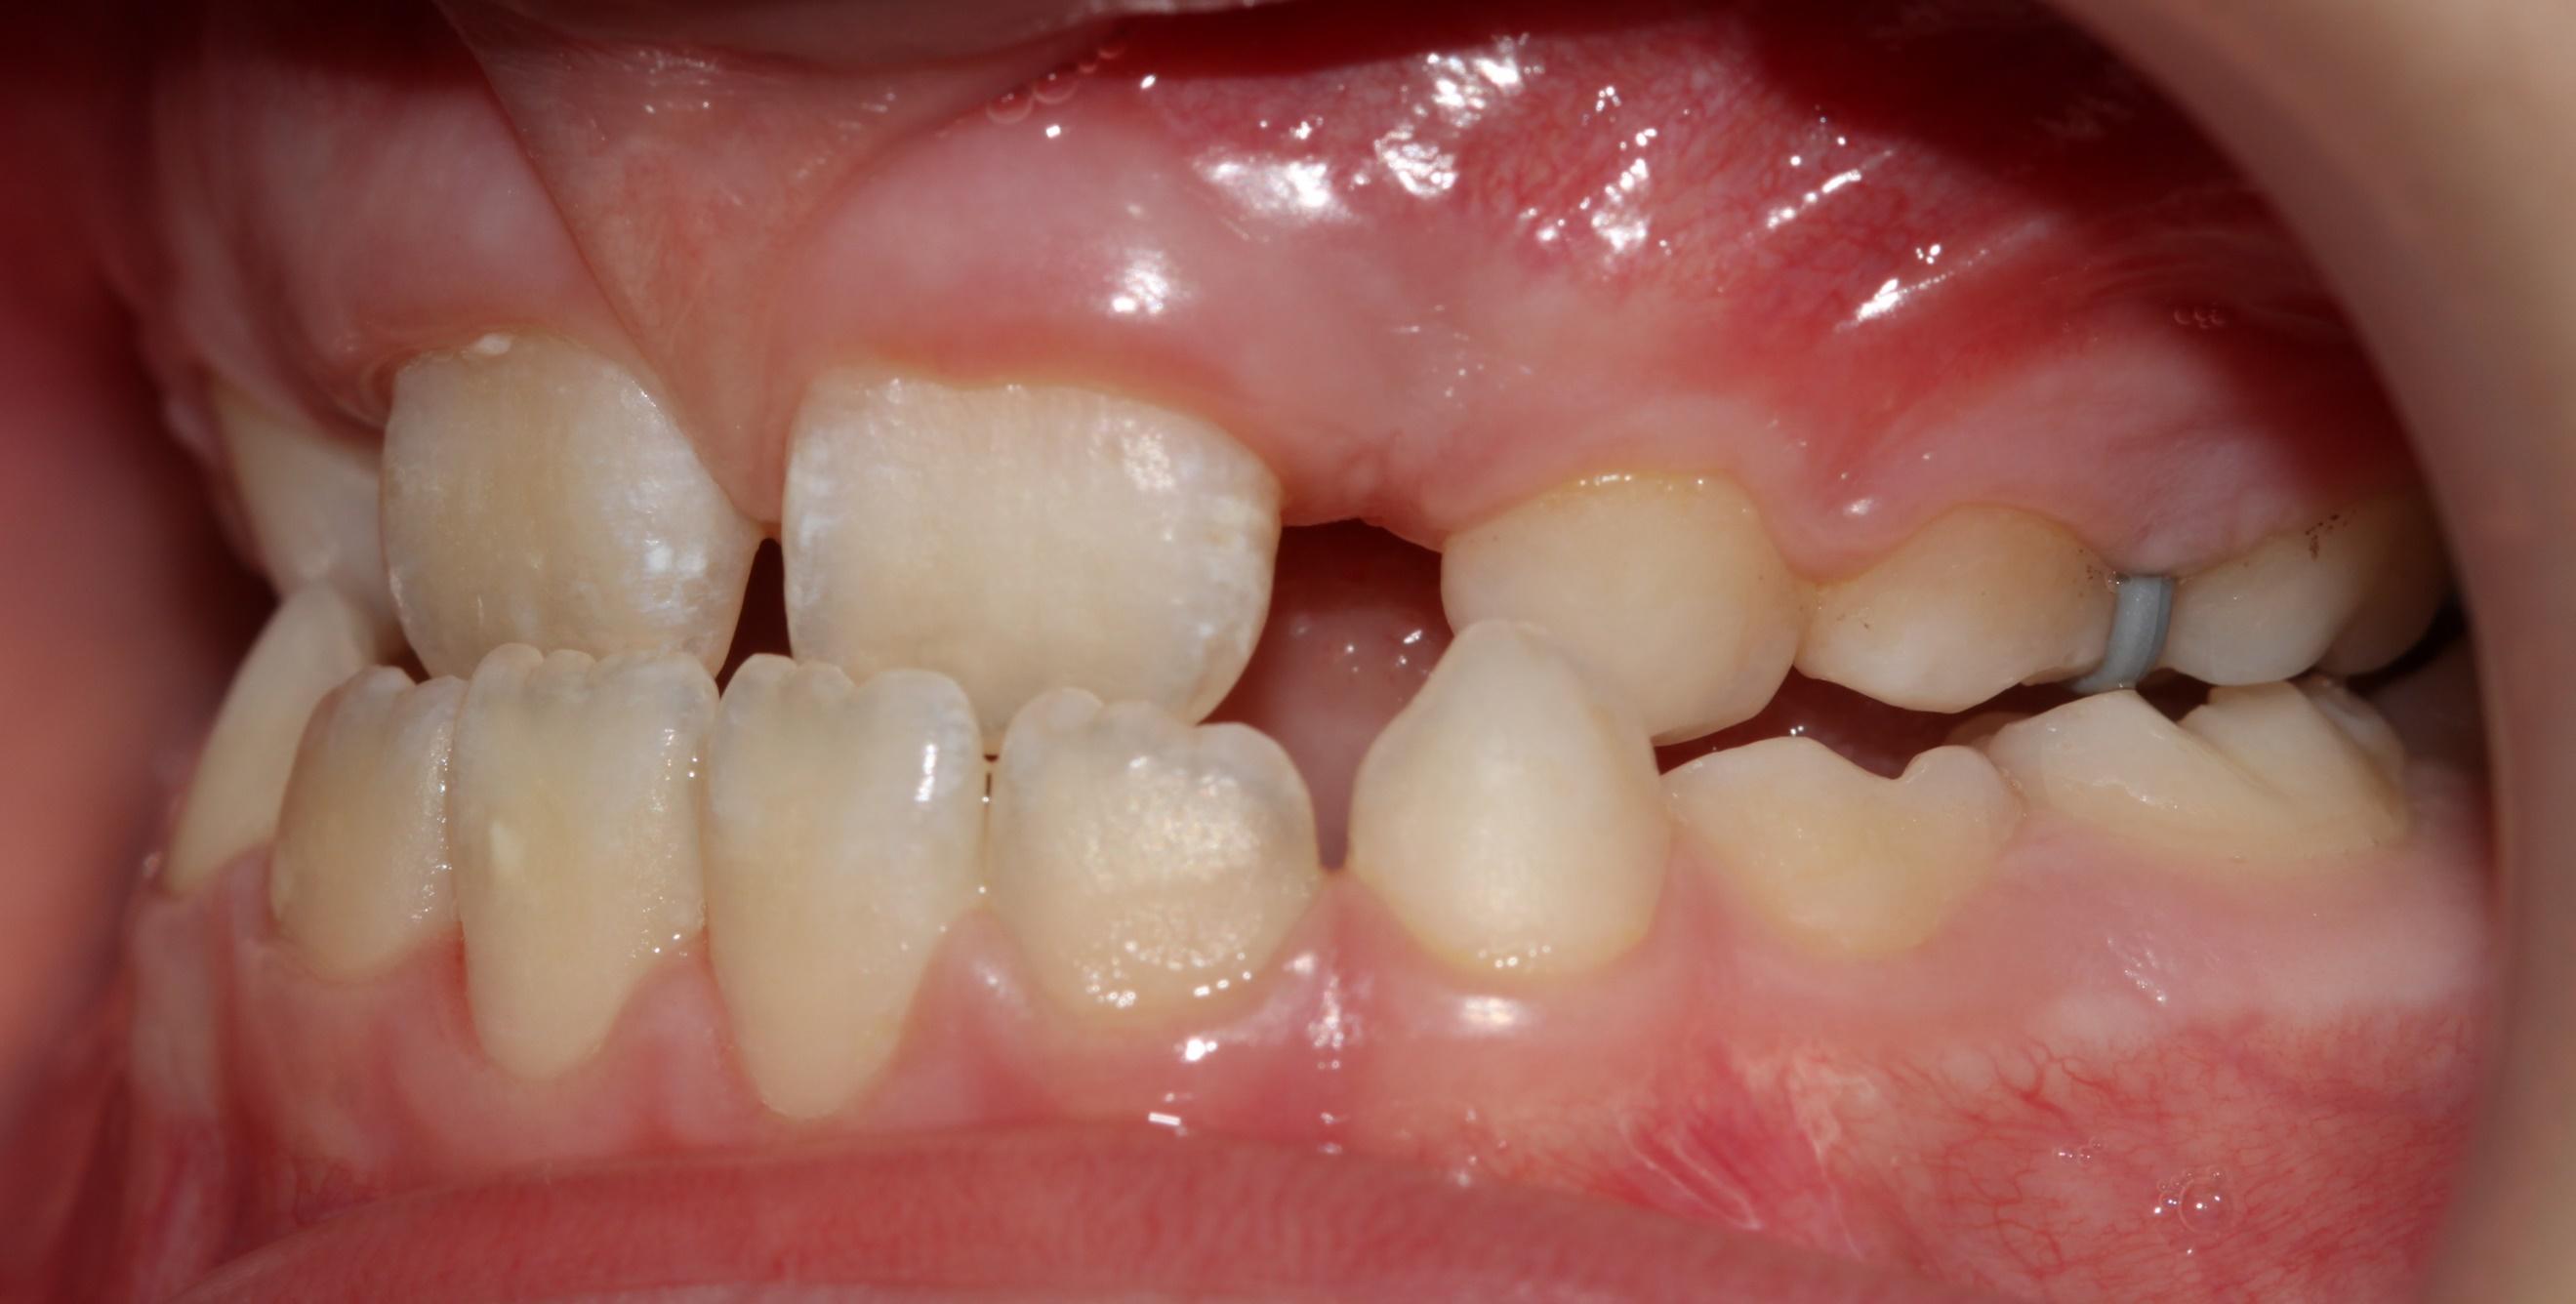 все свои стоматология официальный сайт виниры